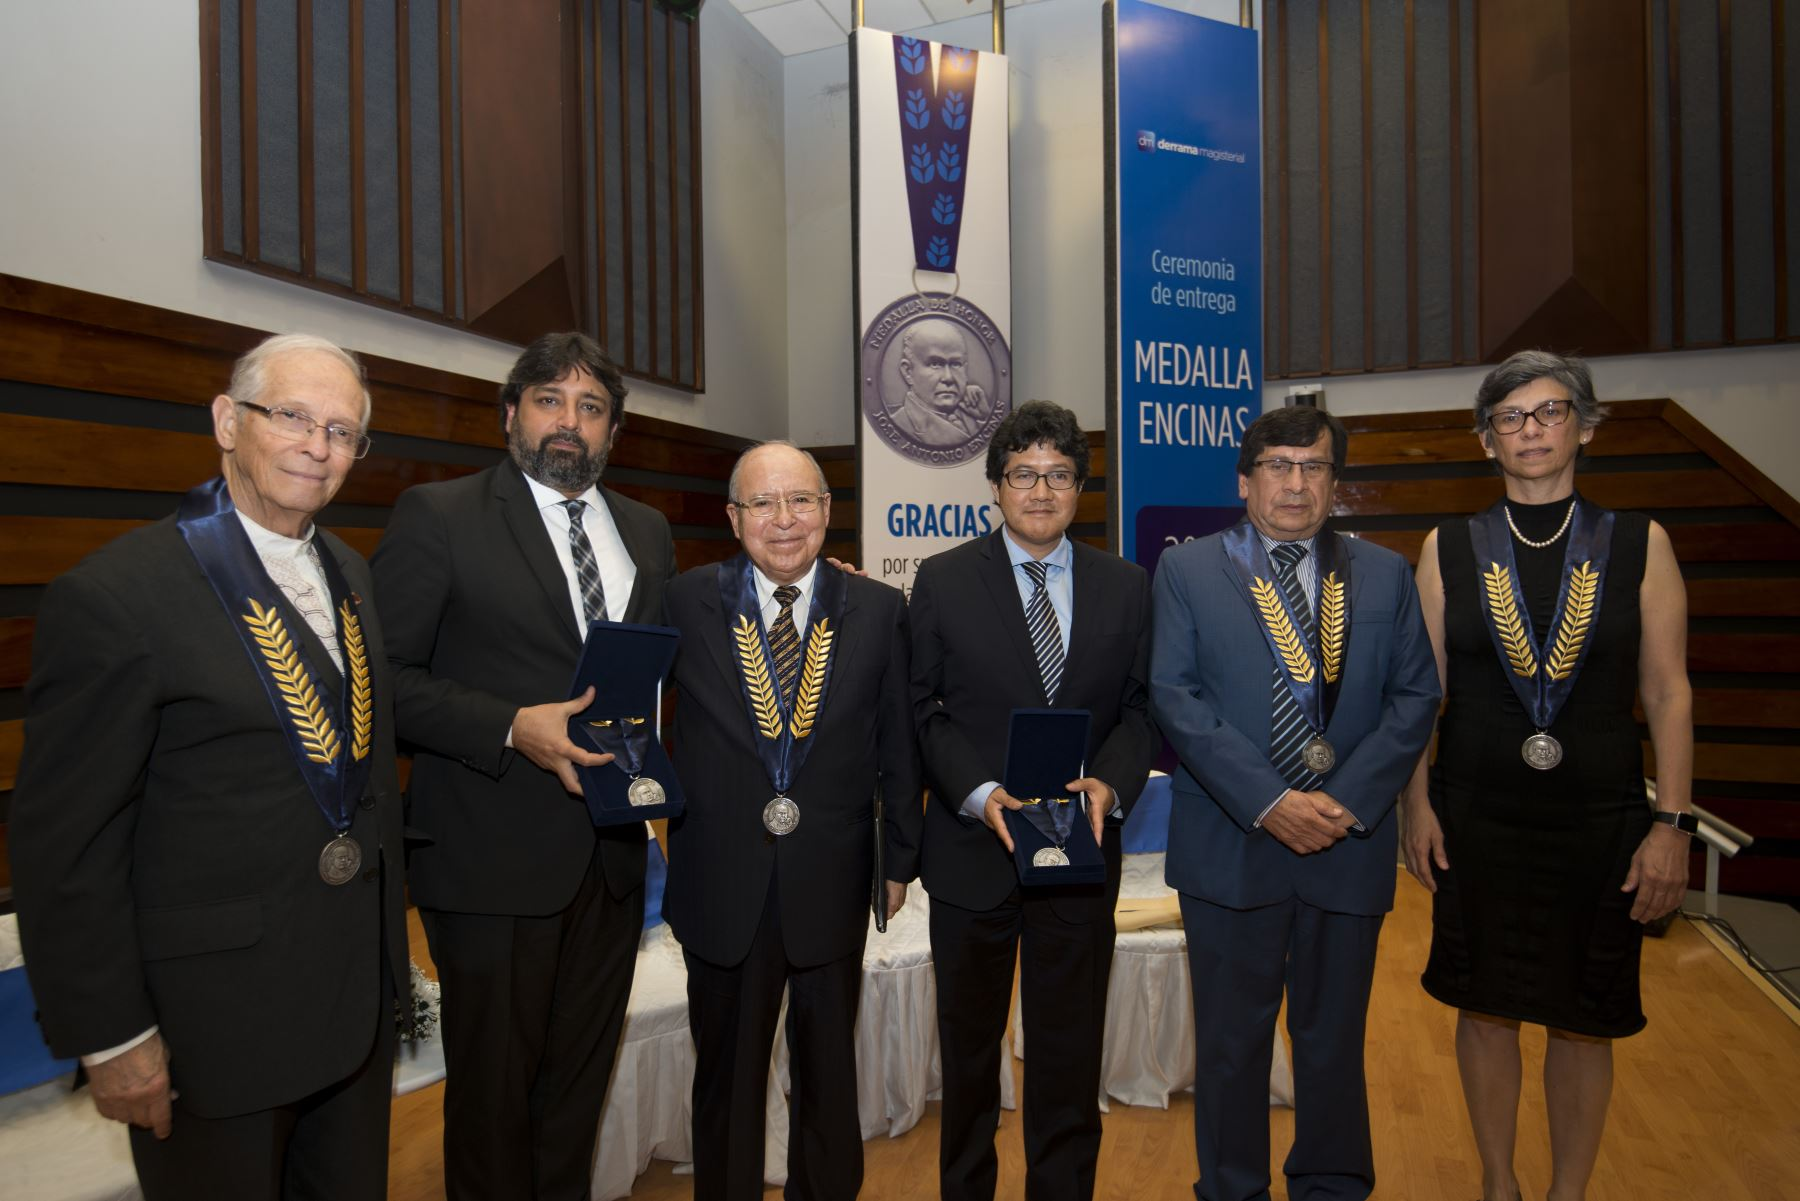 Premio Medalla Encinas 2018